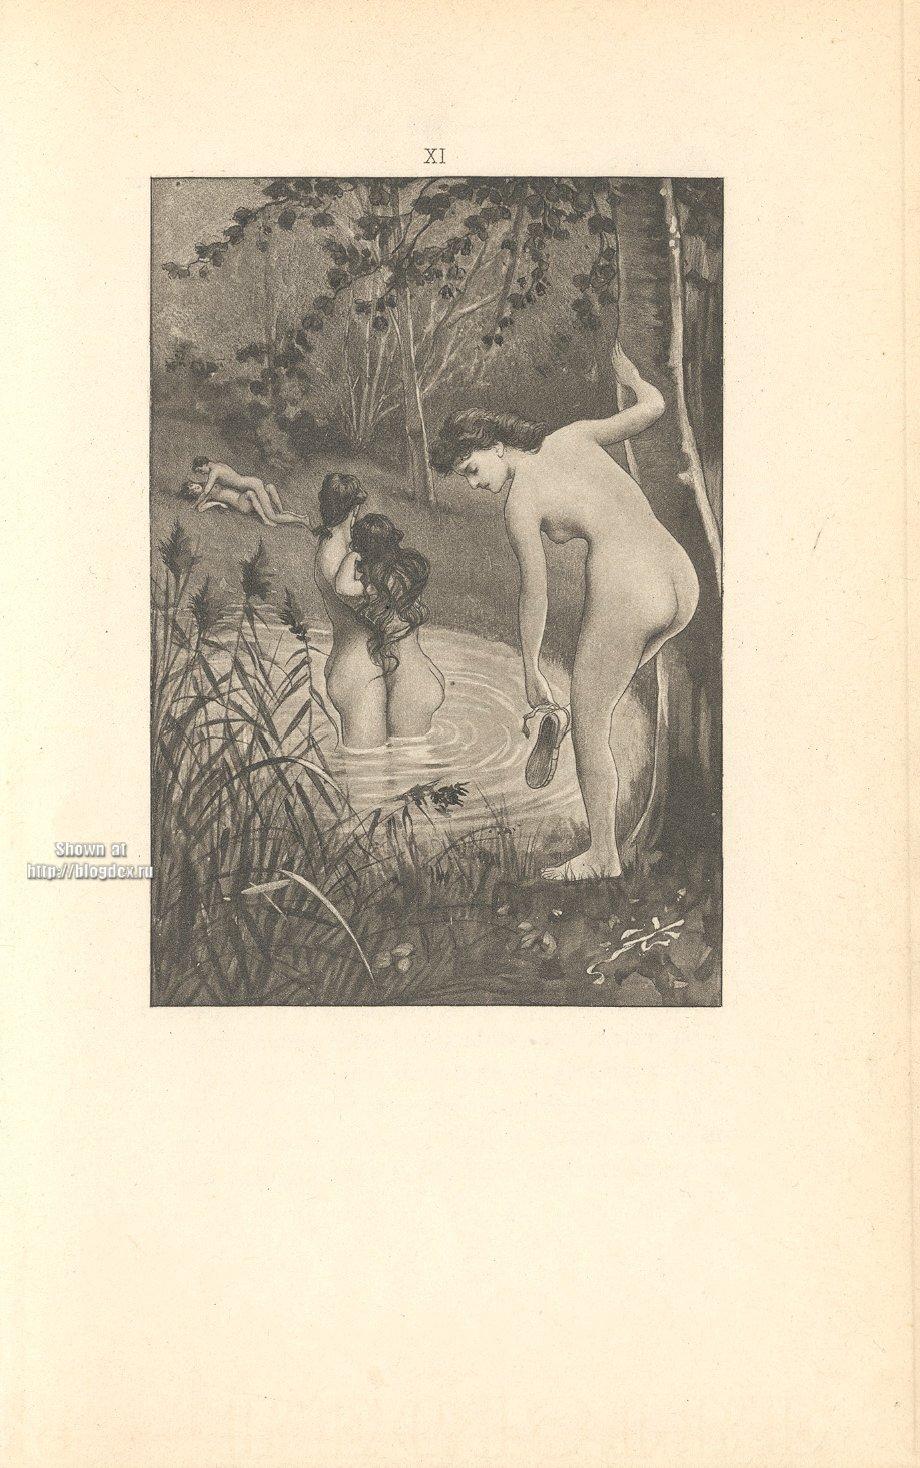 Эротическая литература 19 века 3 фотография